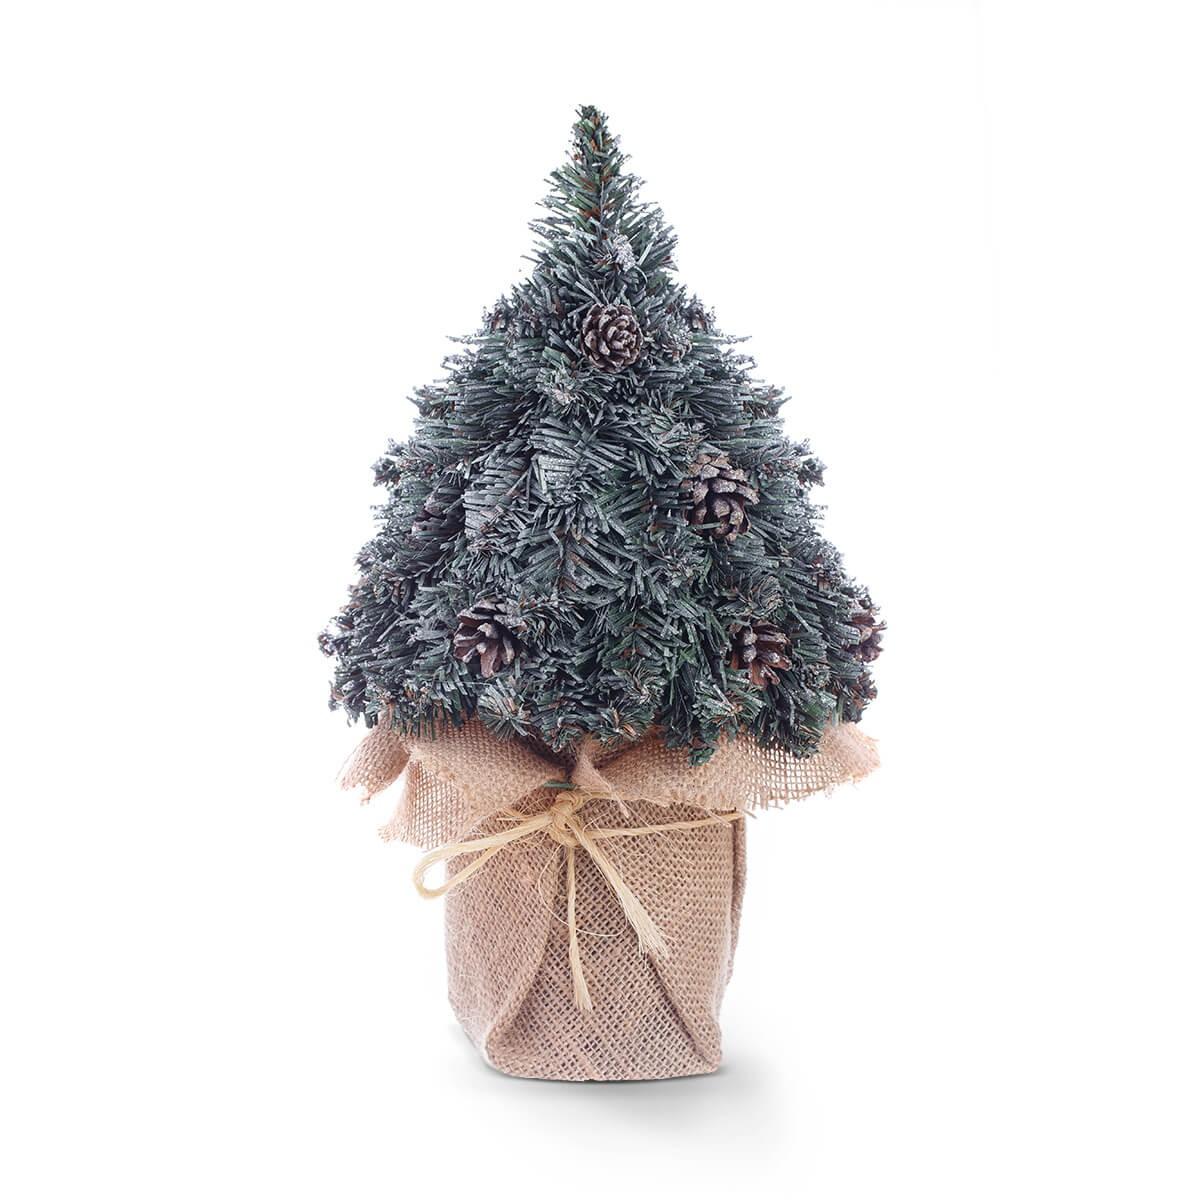 mini weihnachtsbaum 35cm k nstlich weihnachtsbaum mini weiss mini weihnachtsbaum k nstlicher. Black Bedroom Furniture Sets. Home Design Ideas